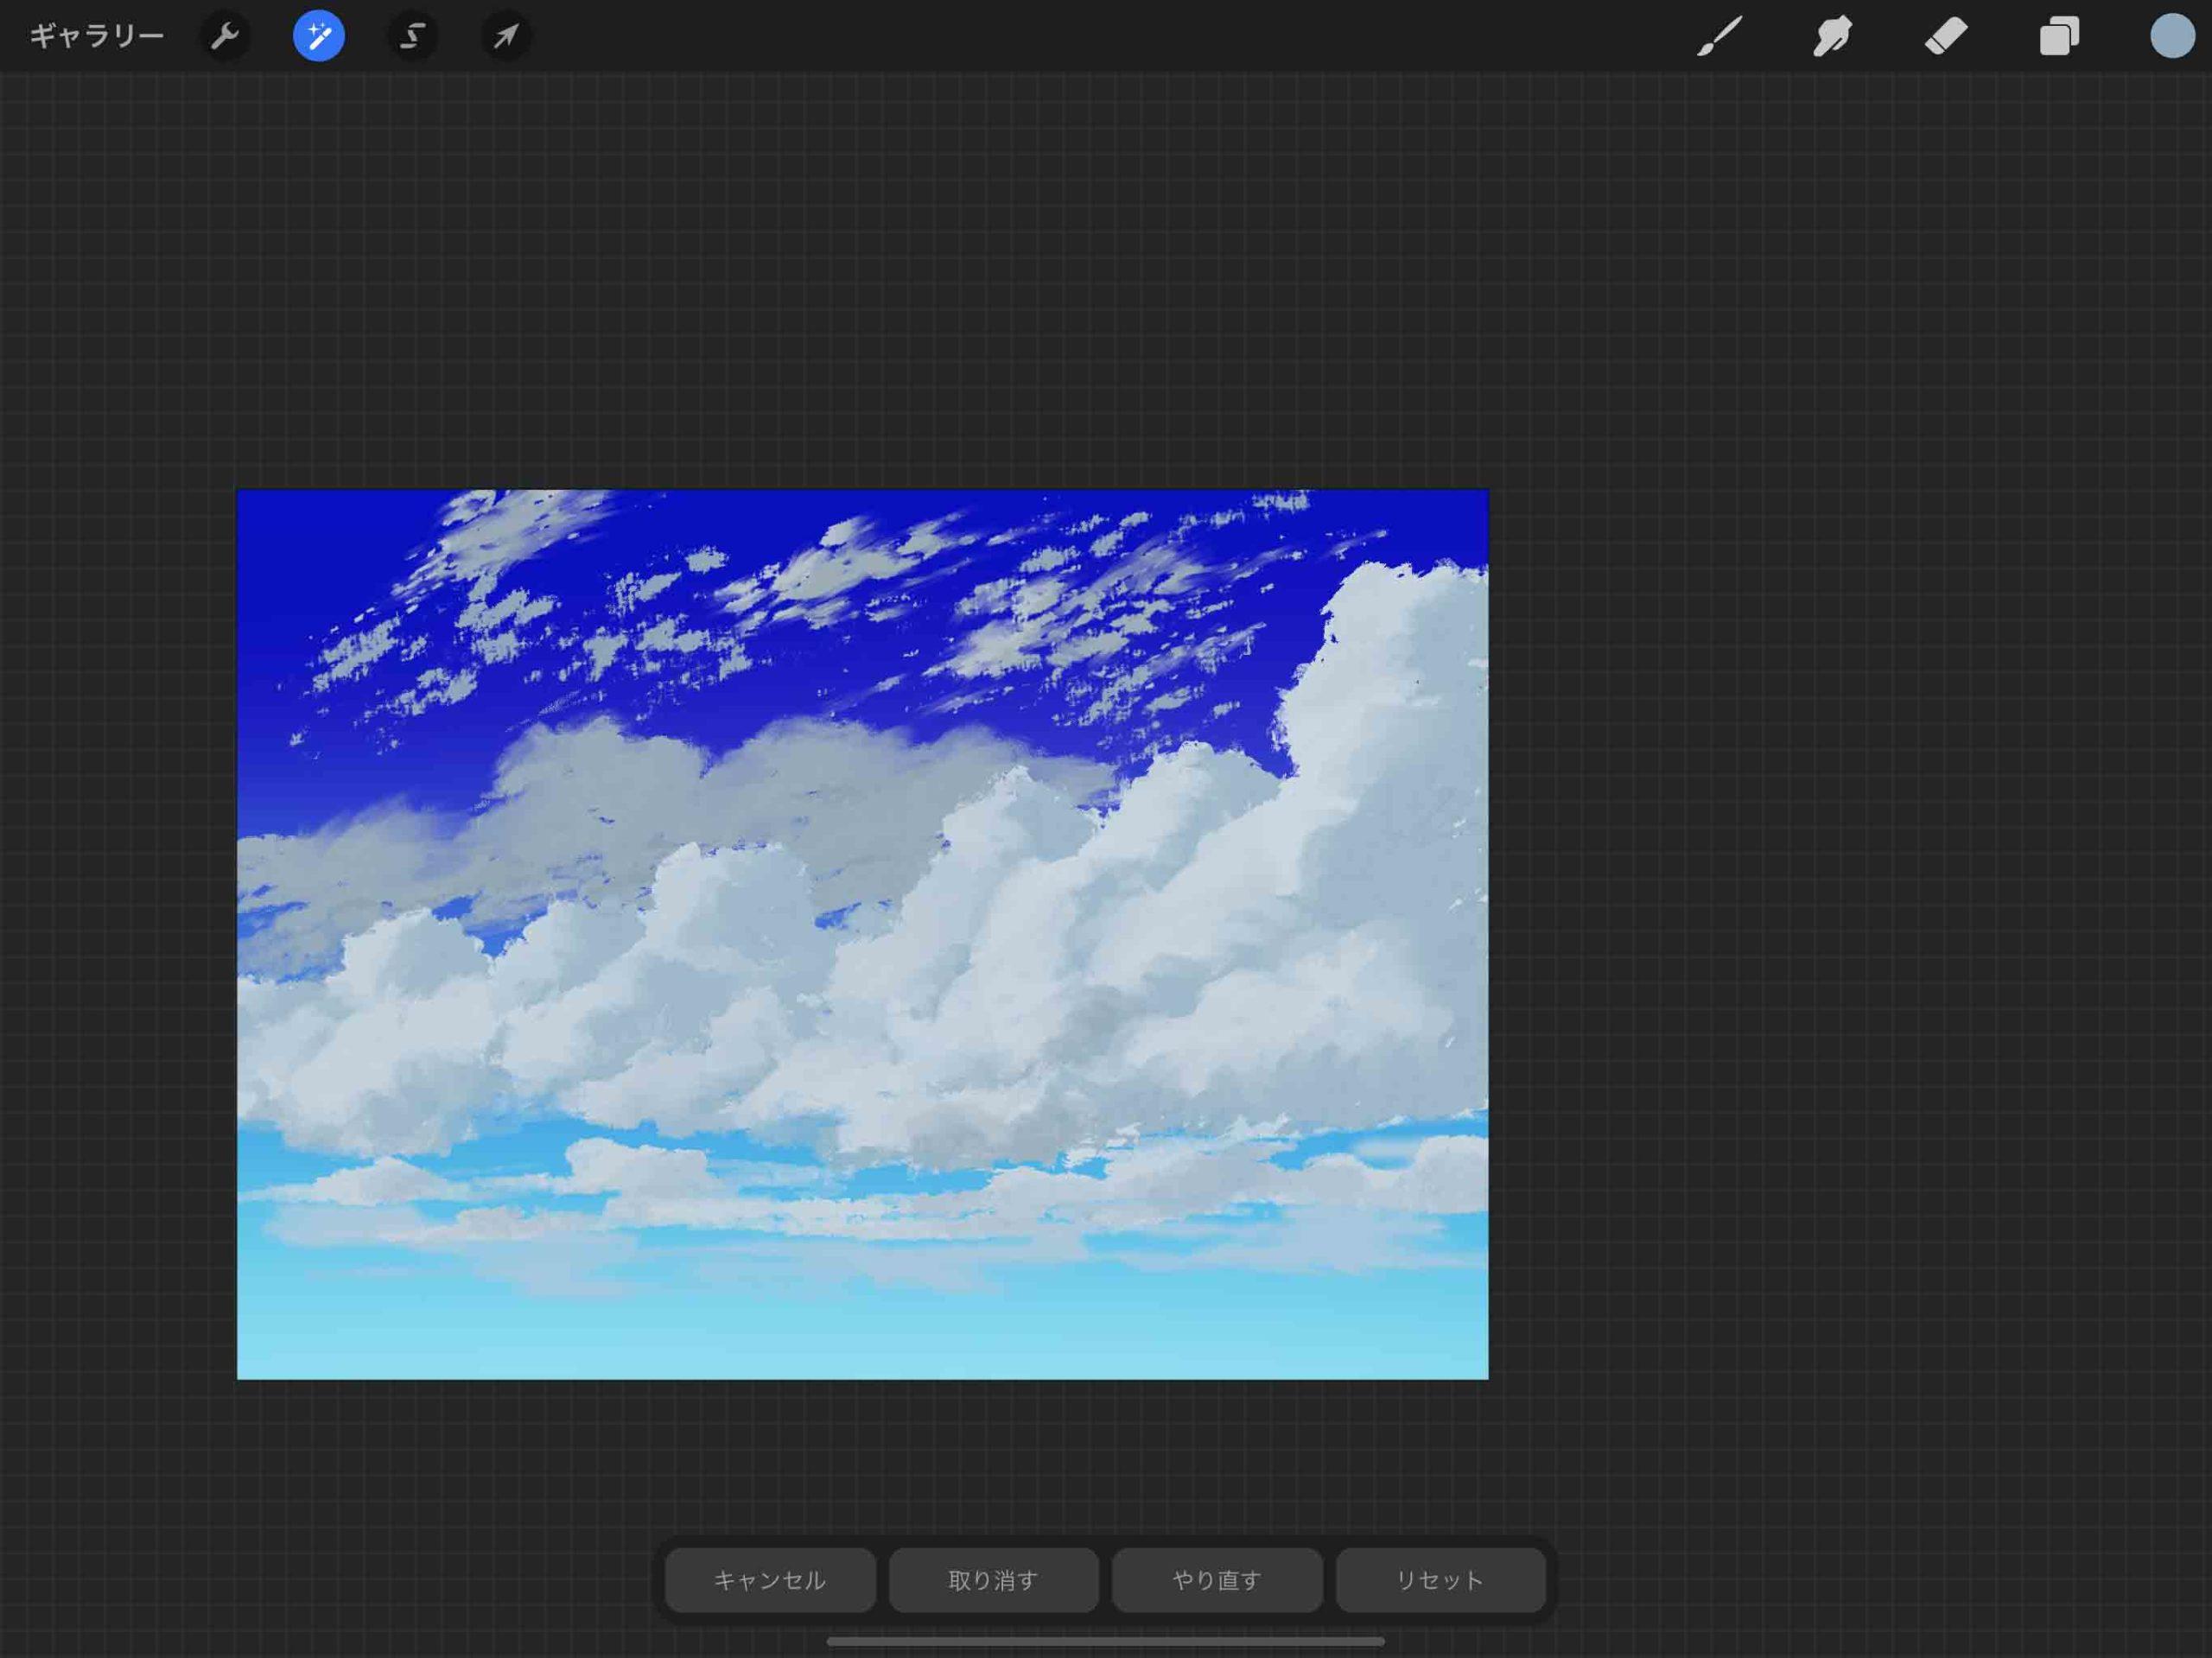 ⑩うろこ雲を追加